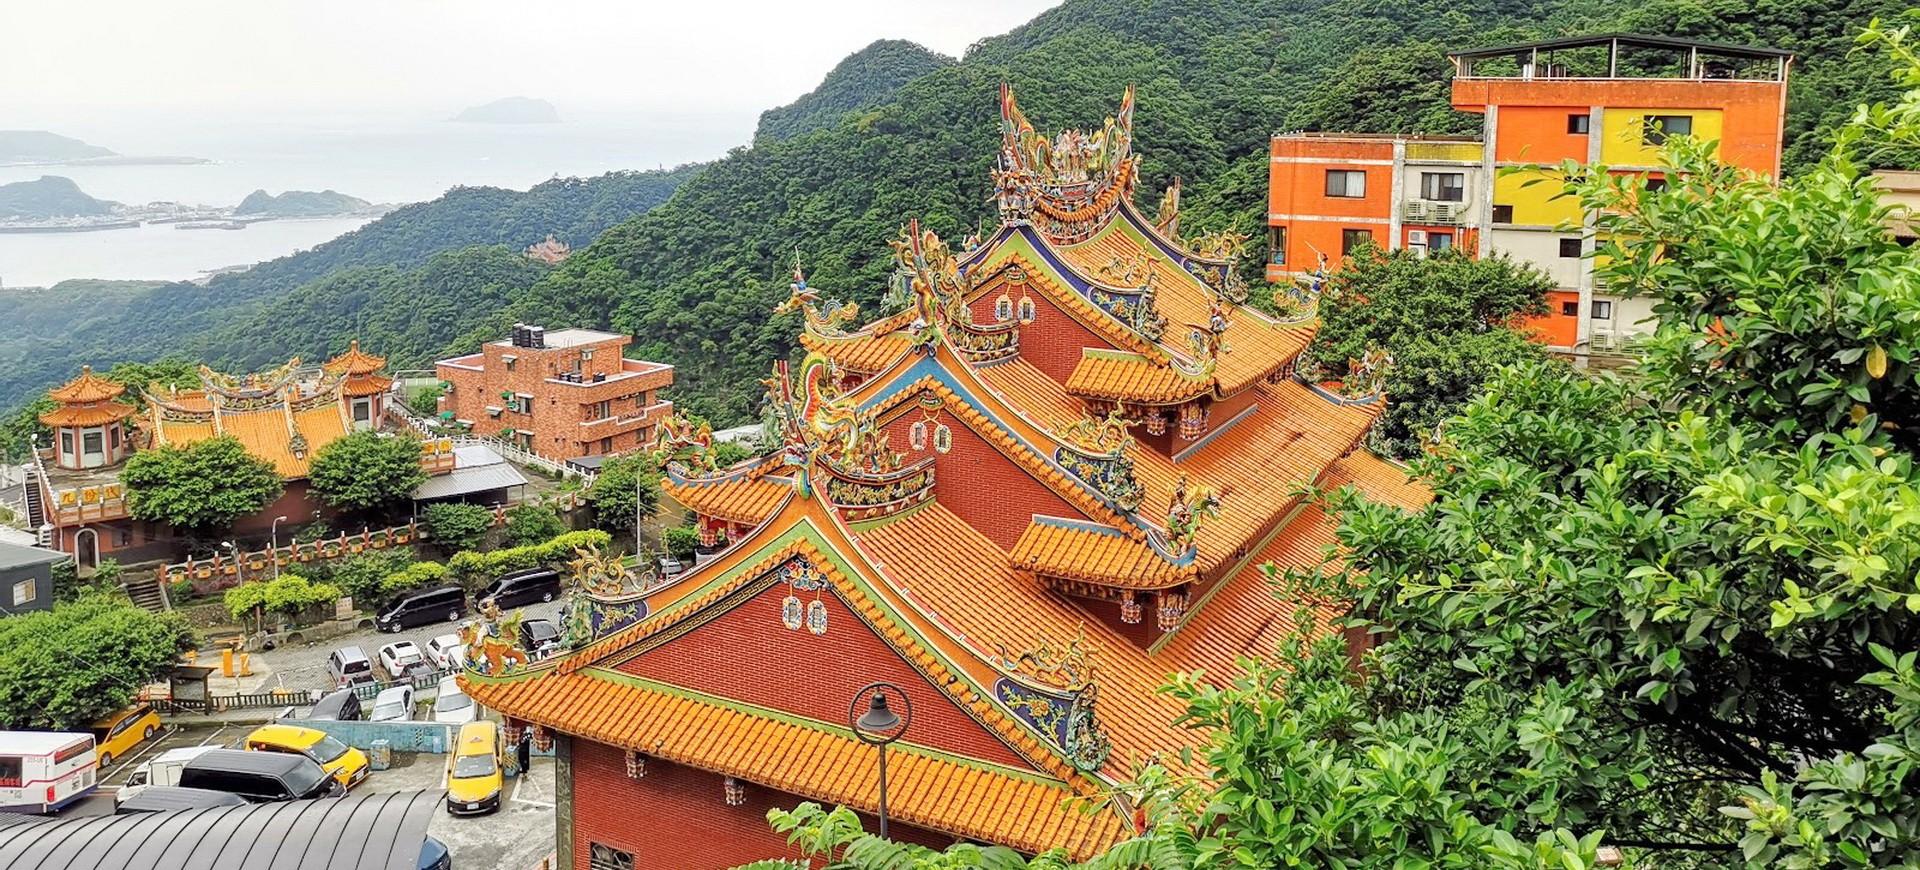 Taiwan Taipei Jiufen